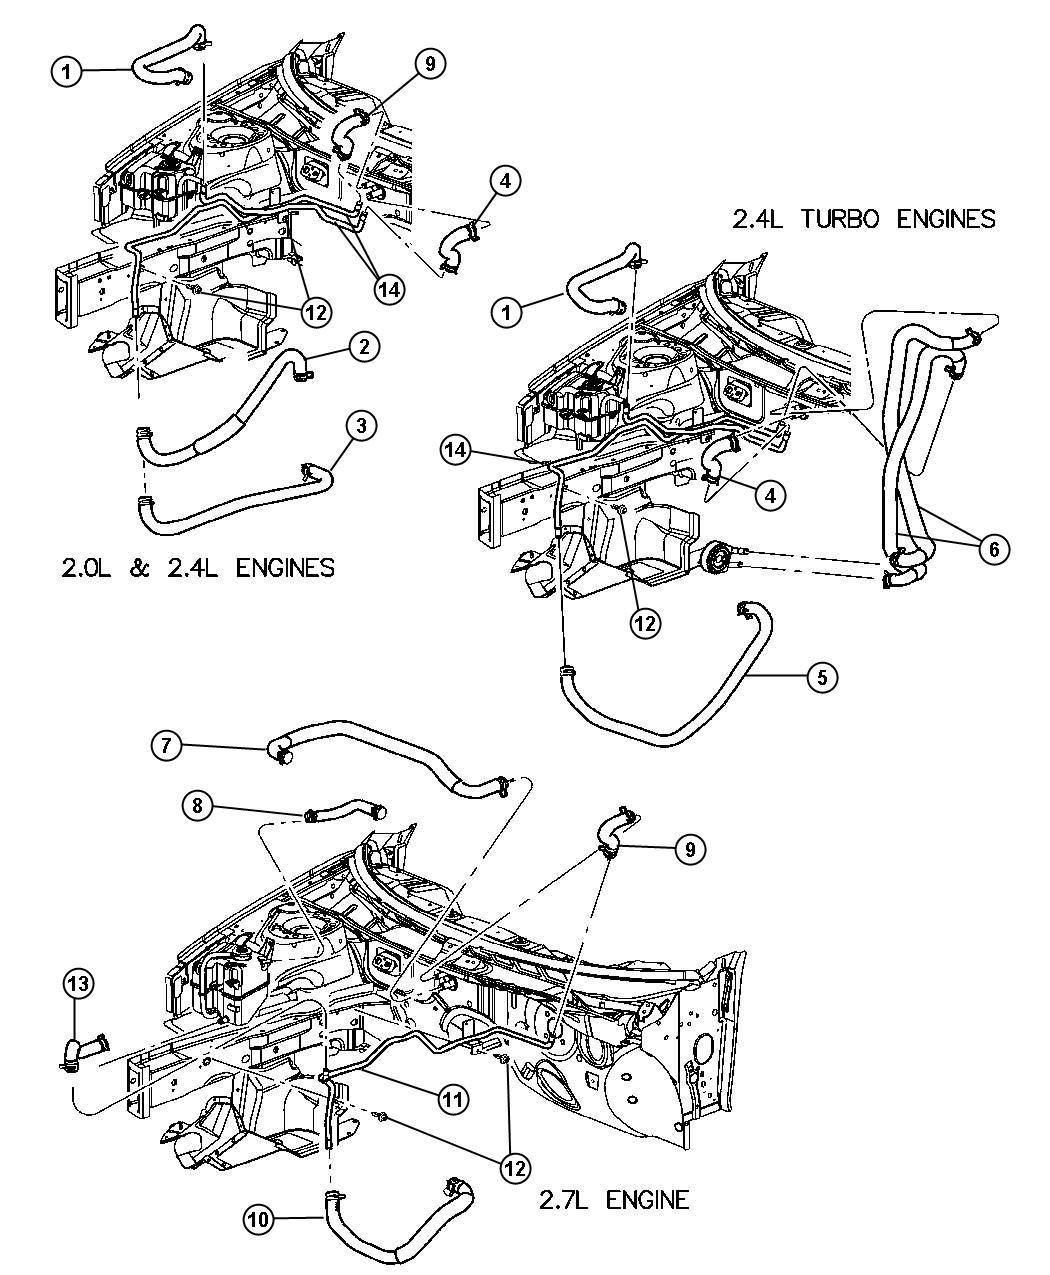 Dodge Intrepid Cooling System Diagram